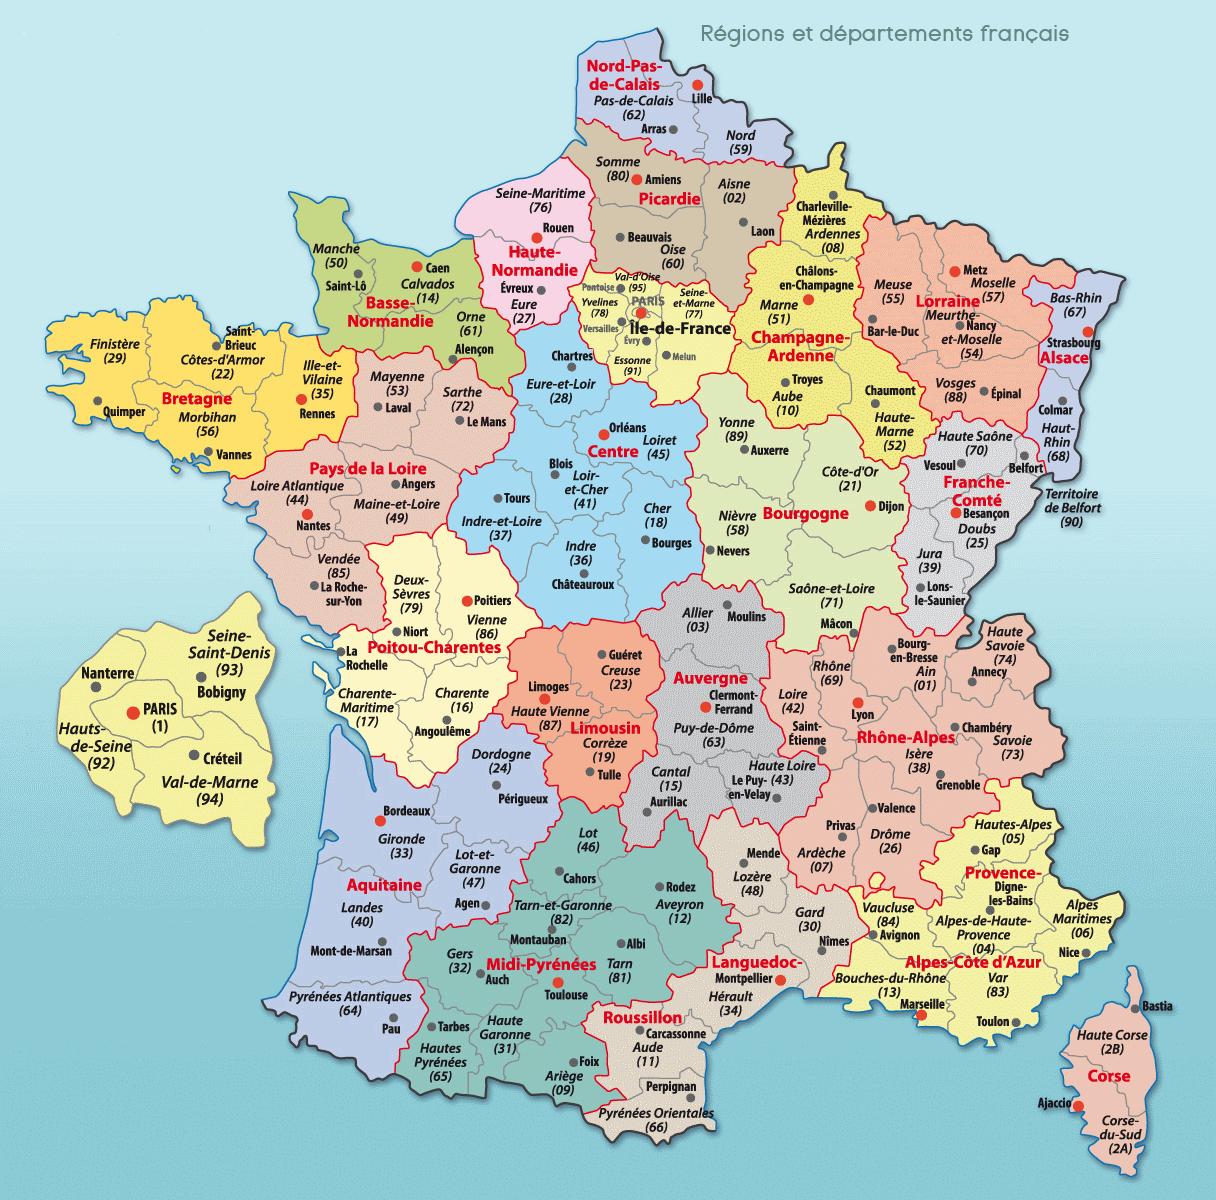 Carte Departement Cher : Département Cher Et Codes Postaux Cher avec Carte Departement 13